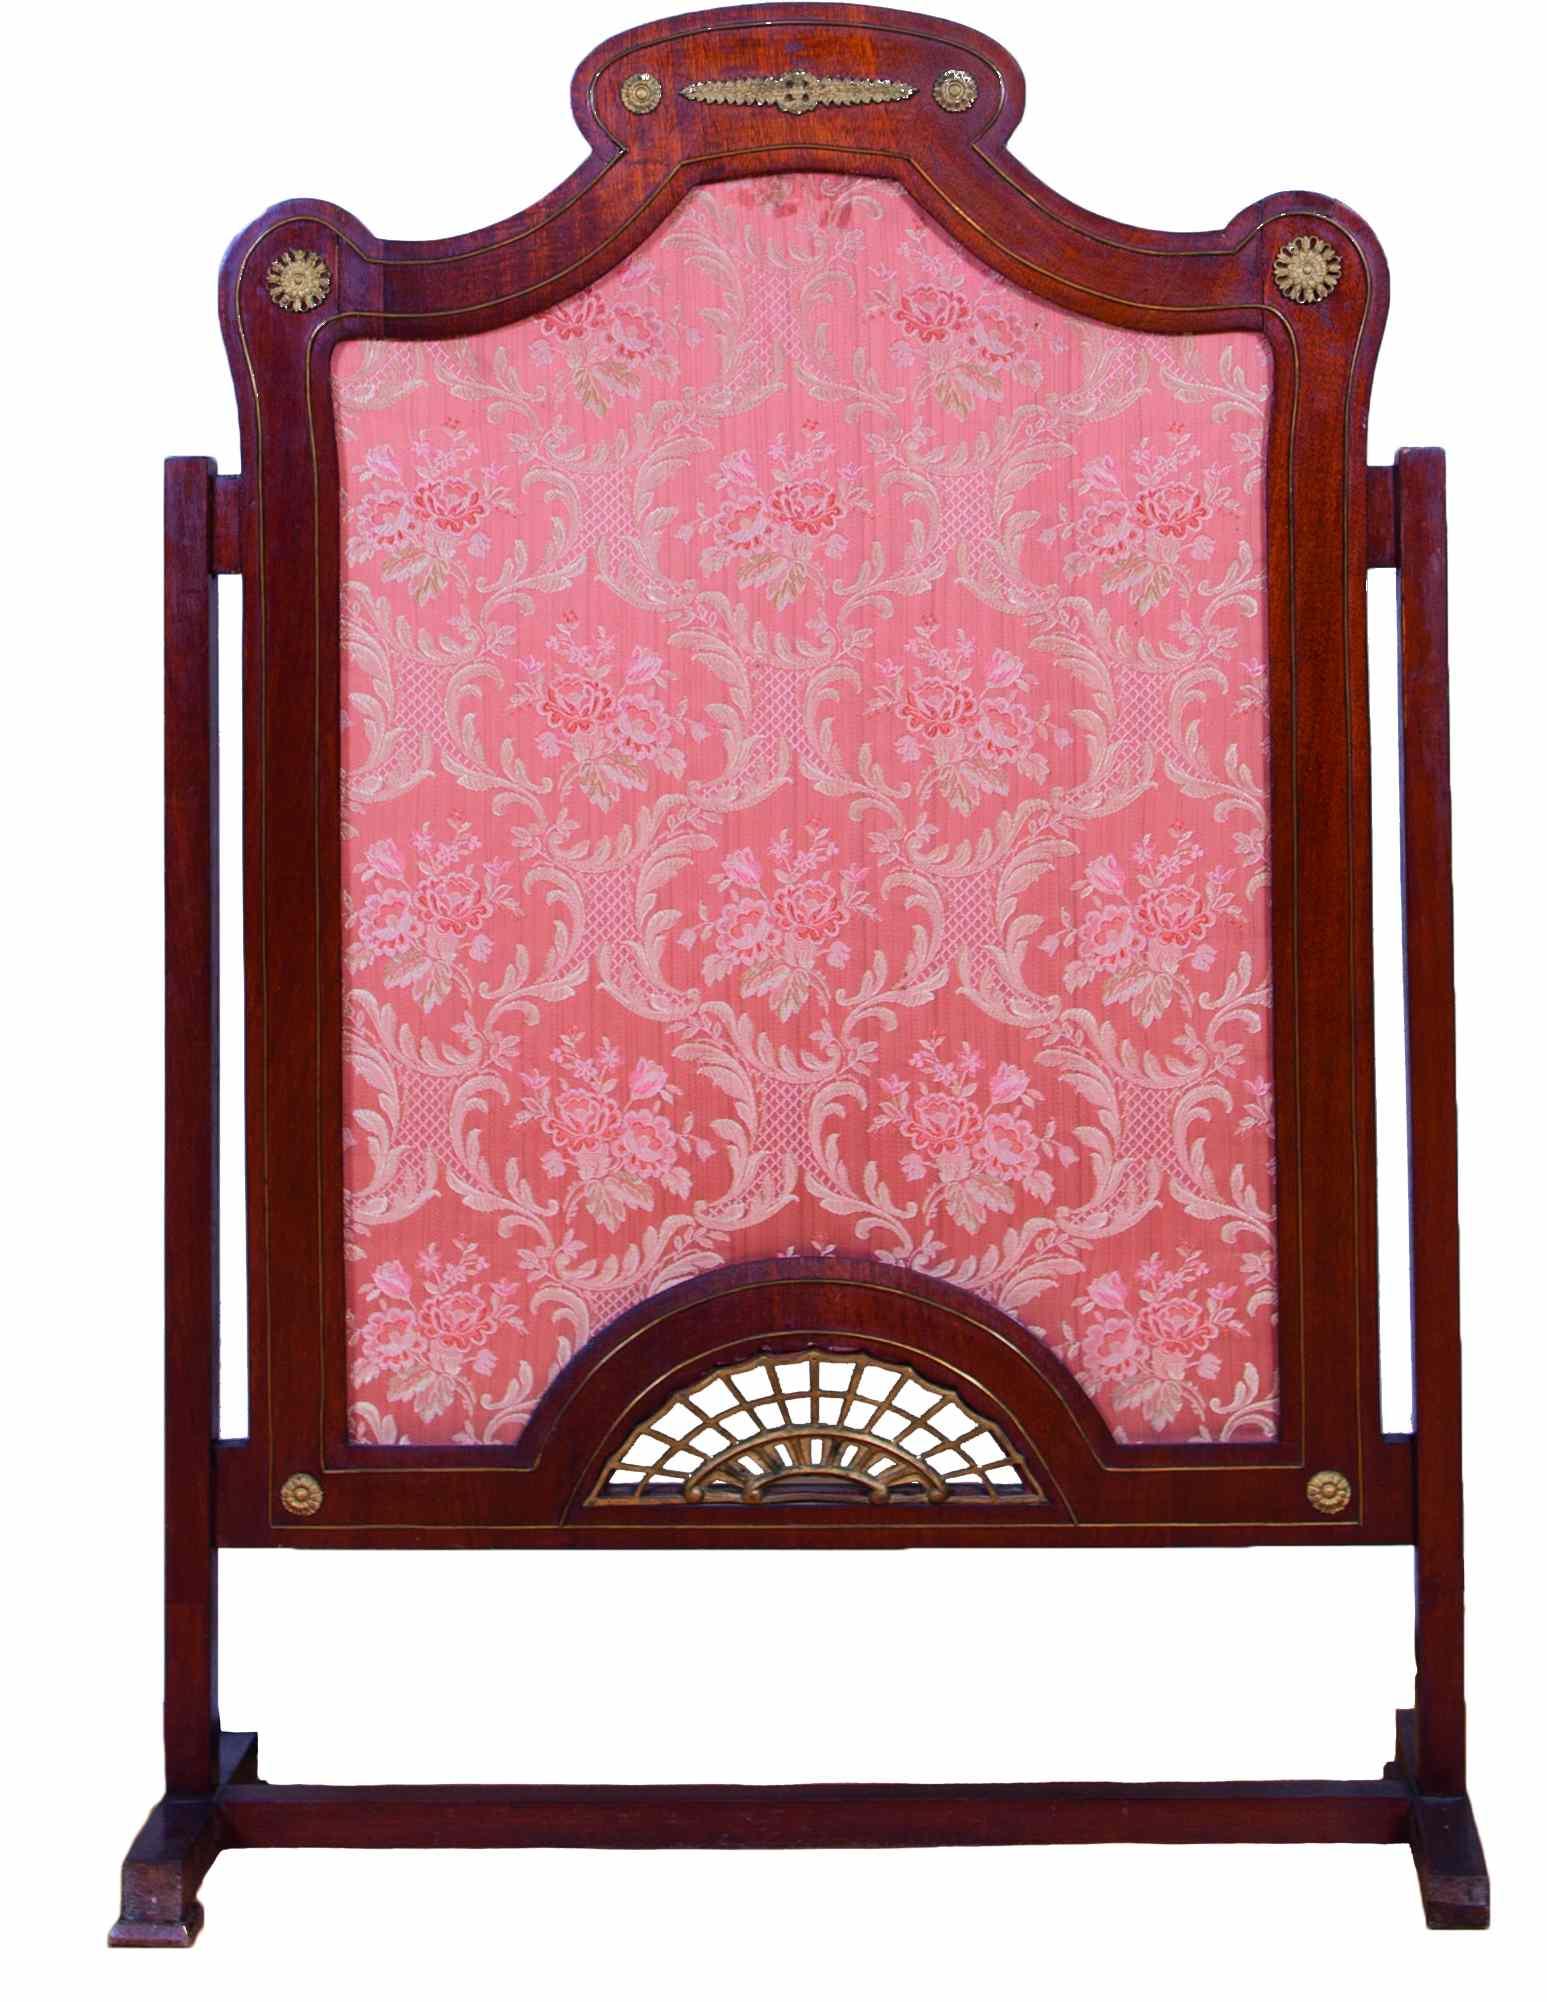 Ekran kominkowy, eklektyczny z drewnianymi, brzozowo – mahoniowymi nóżkami. W środku różowa, wzorzysta tkanina jedwabna.